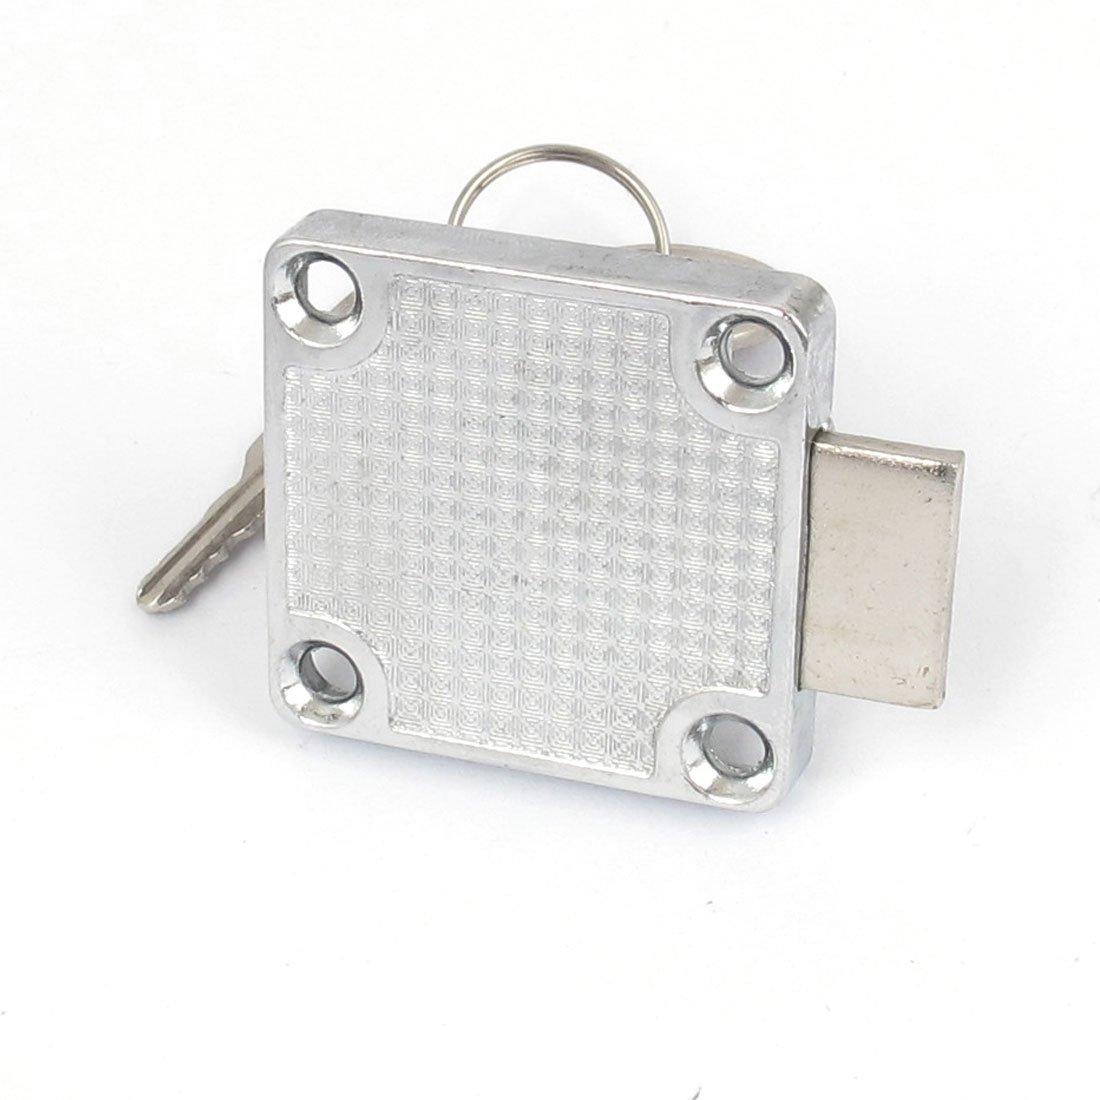 2pcs eDealMax Armario Gabinete Buzón cajón 19x22mm cilindro de la cerradura w Teclas - - Amazon.com